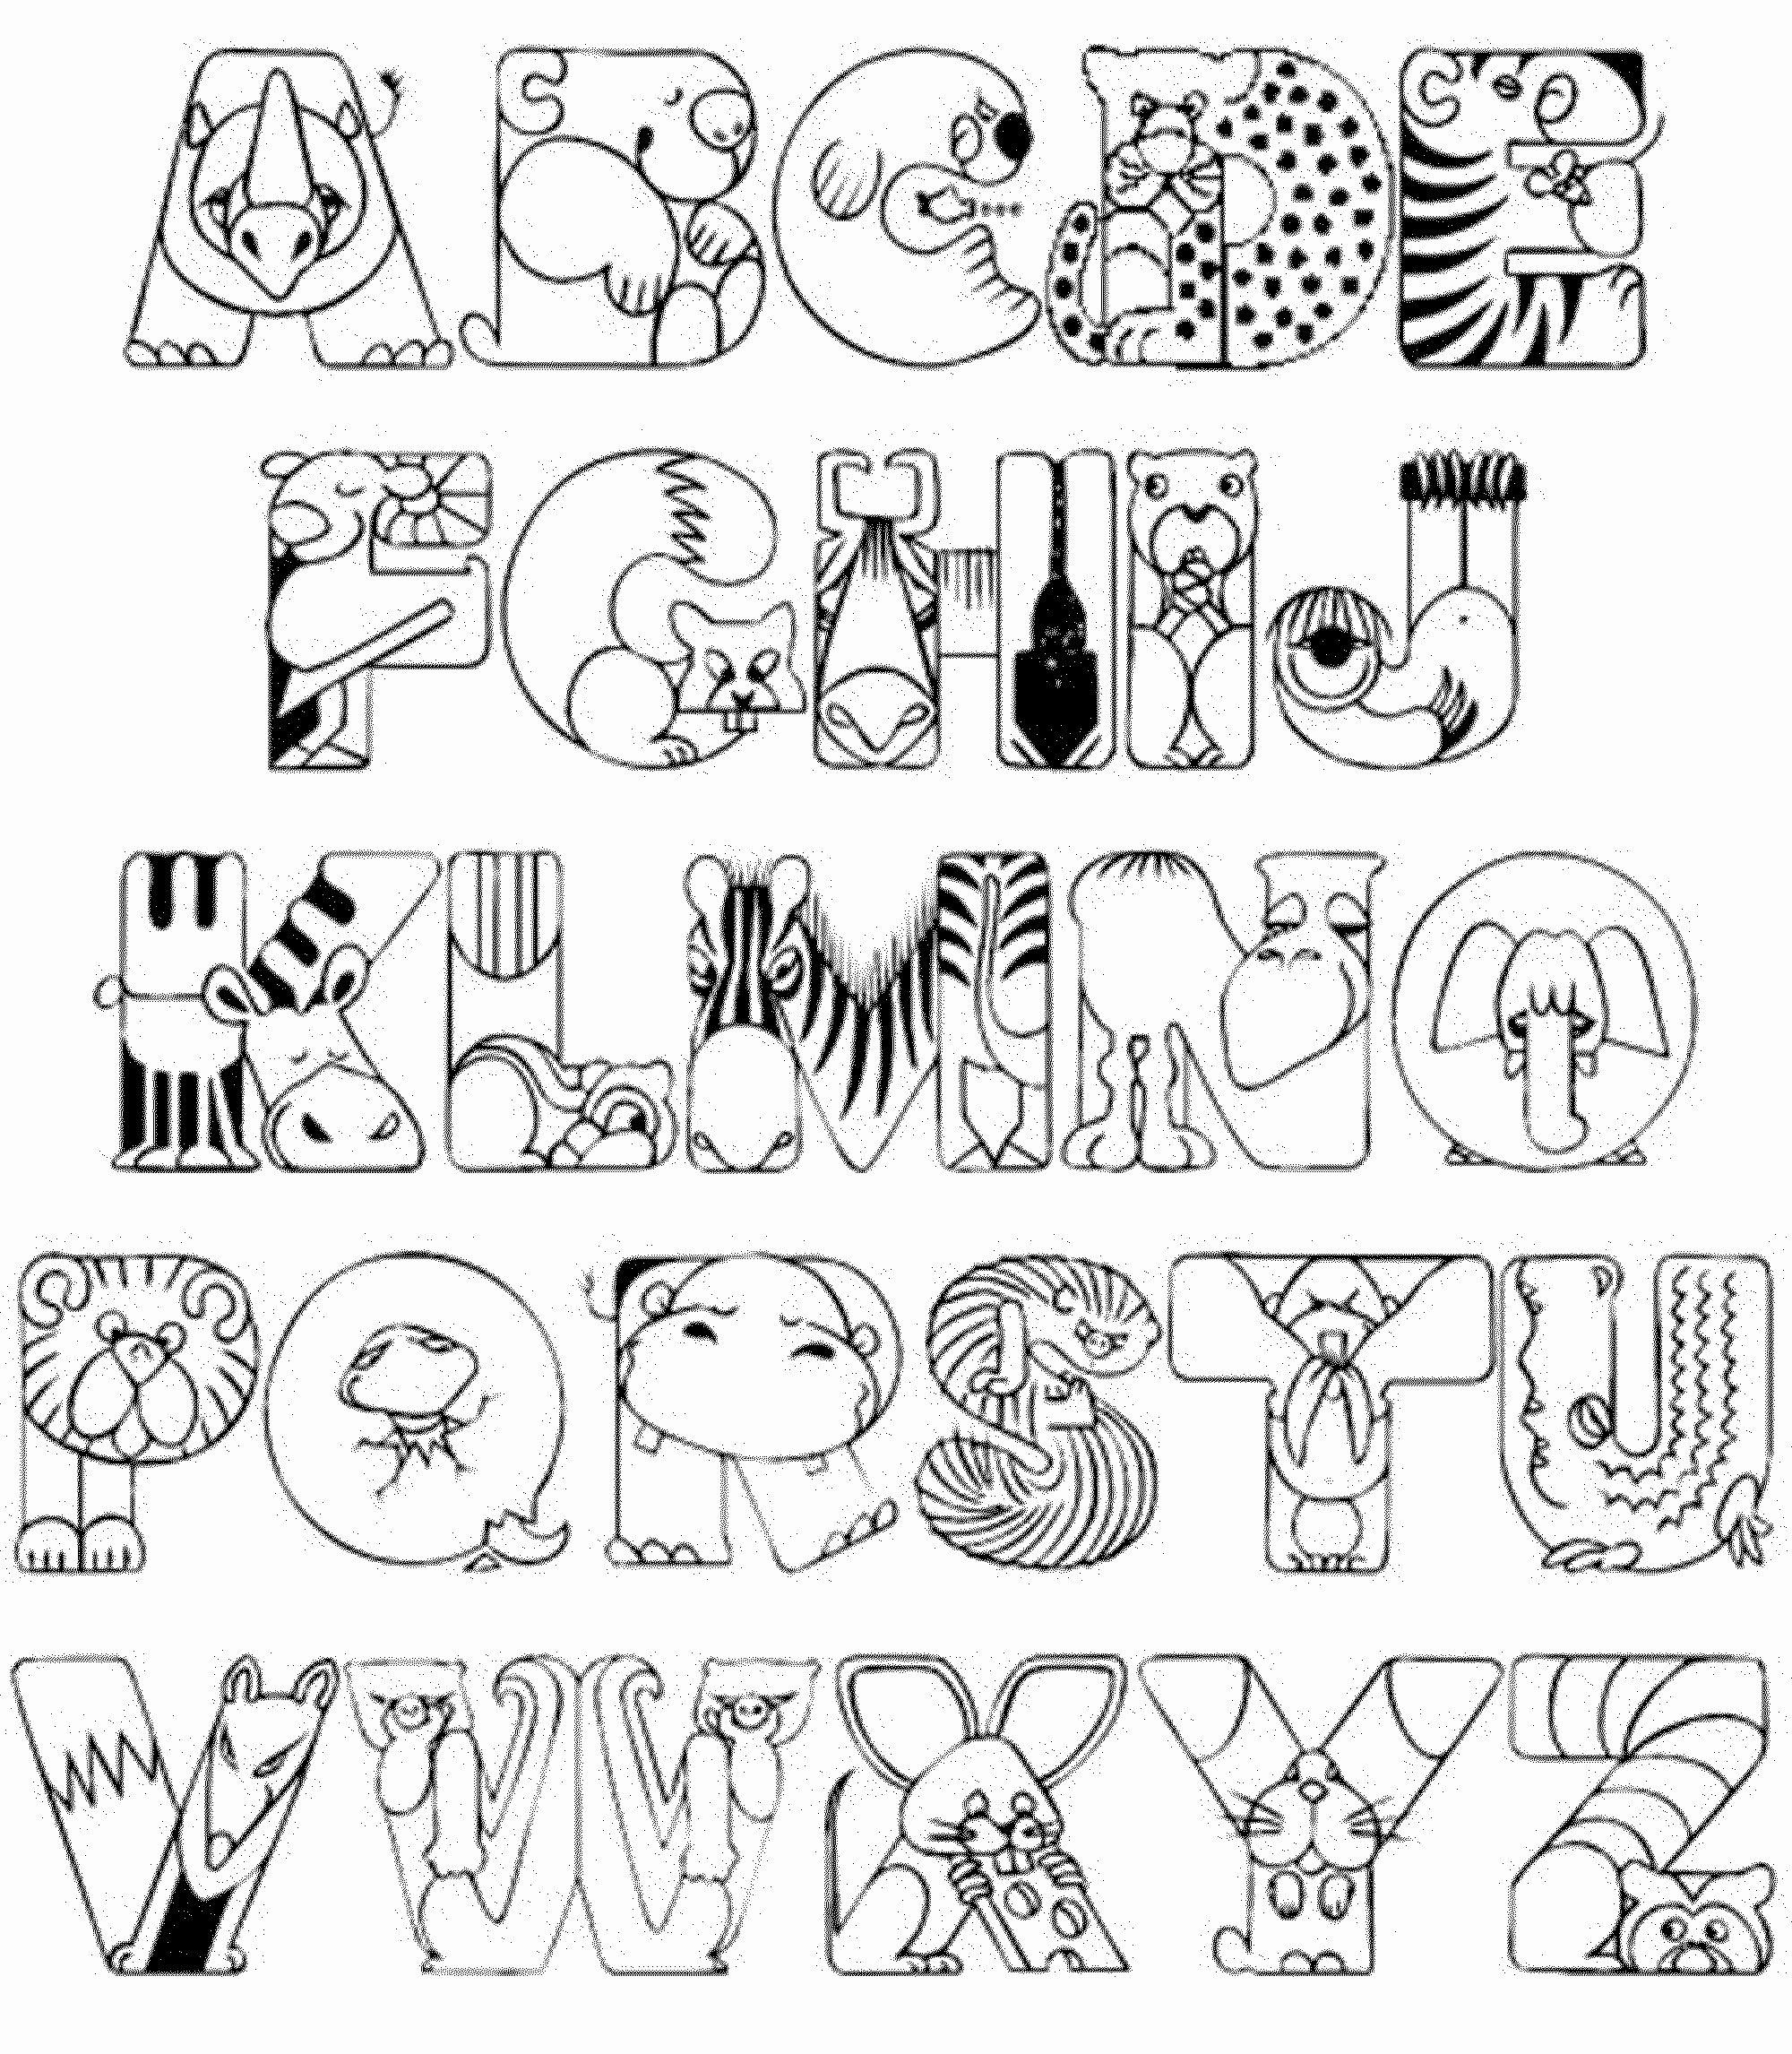 Abc Animal Coloring Pages Con Imagenes Moldes De Letras